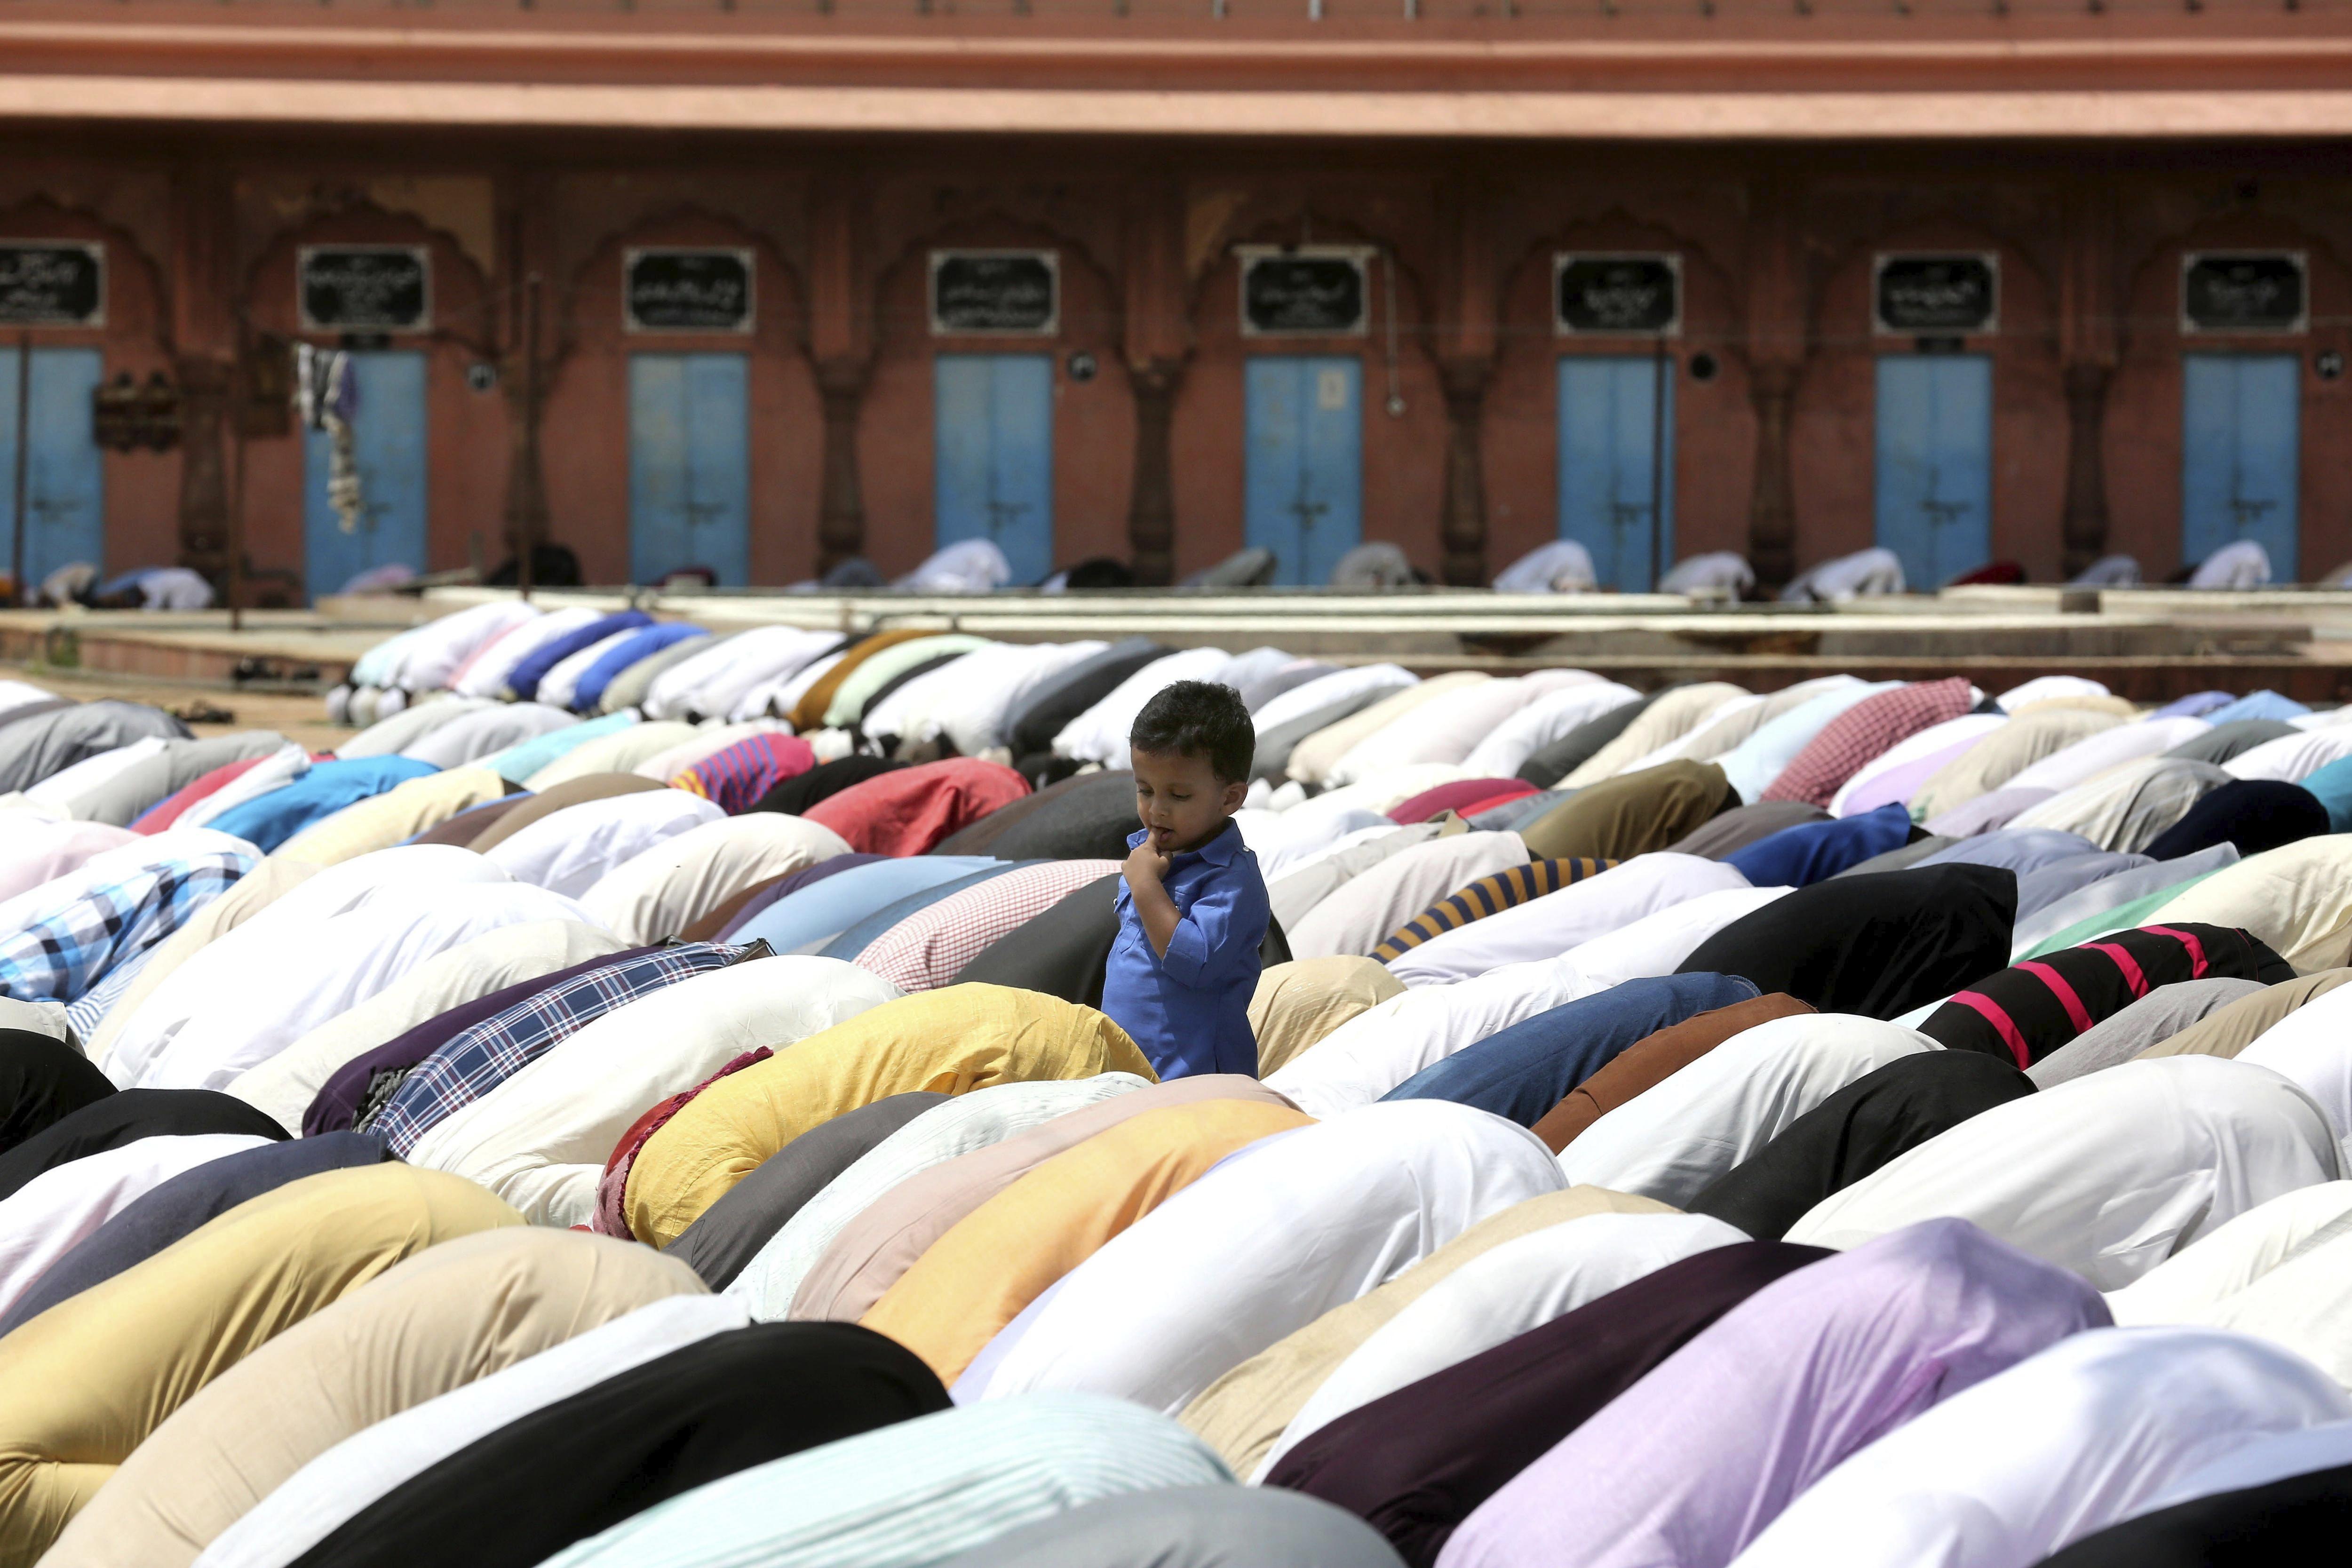 Un nin observa els adults durant el rés en la mesquita Taj-ul-Masajid a Bhopal (Índia), el darrer divendres del mes del Ramadà. /SANJEEV GUPTA